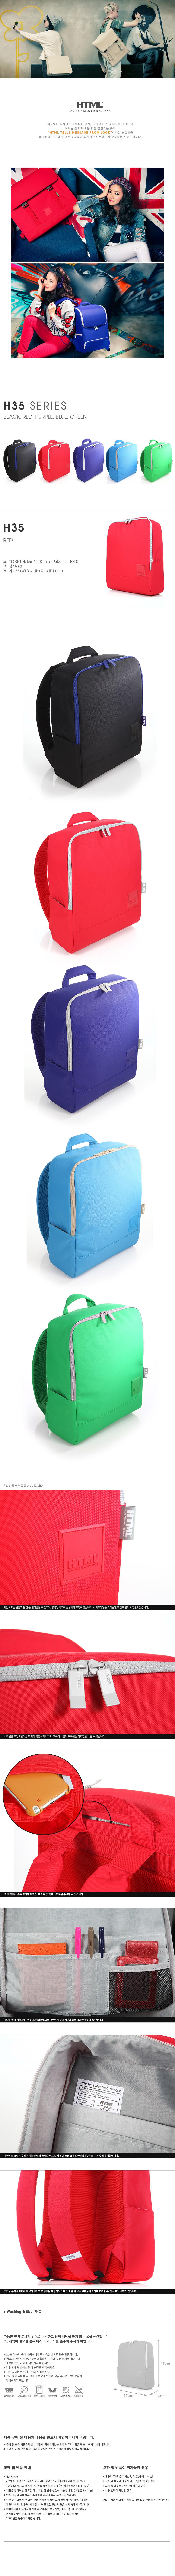 [에이치티엠엘]HTML - H35 backpack (Red/Gray)_인기백팩